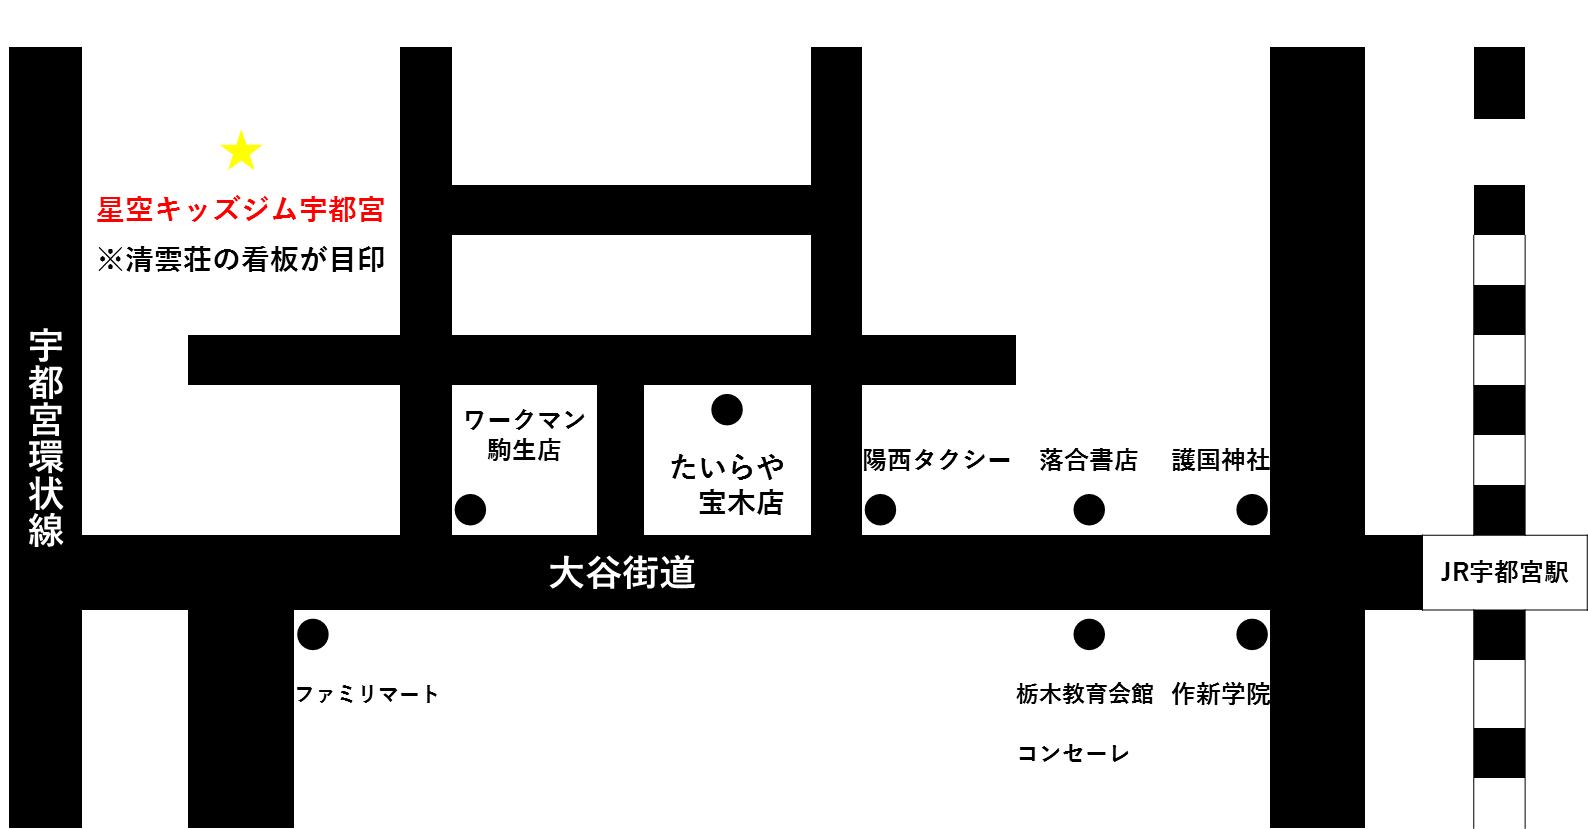 星空キッズジム地図